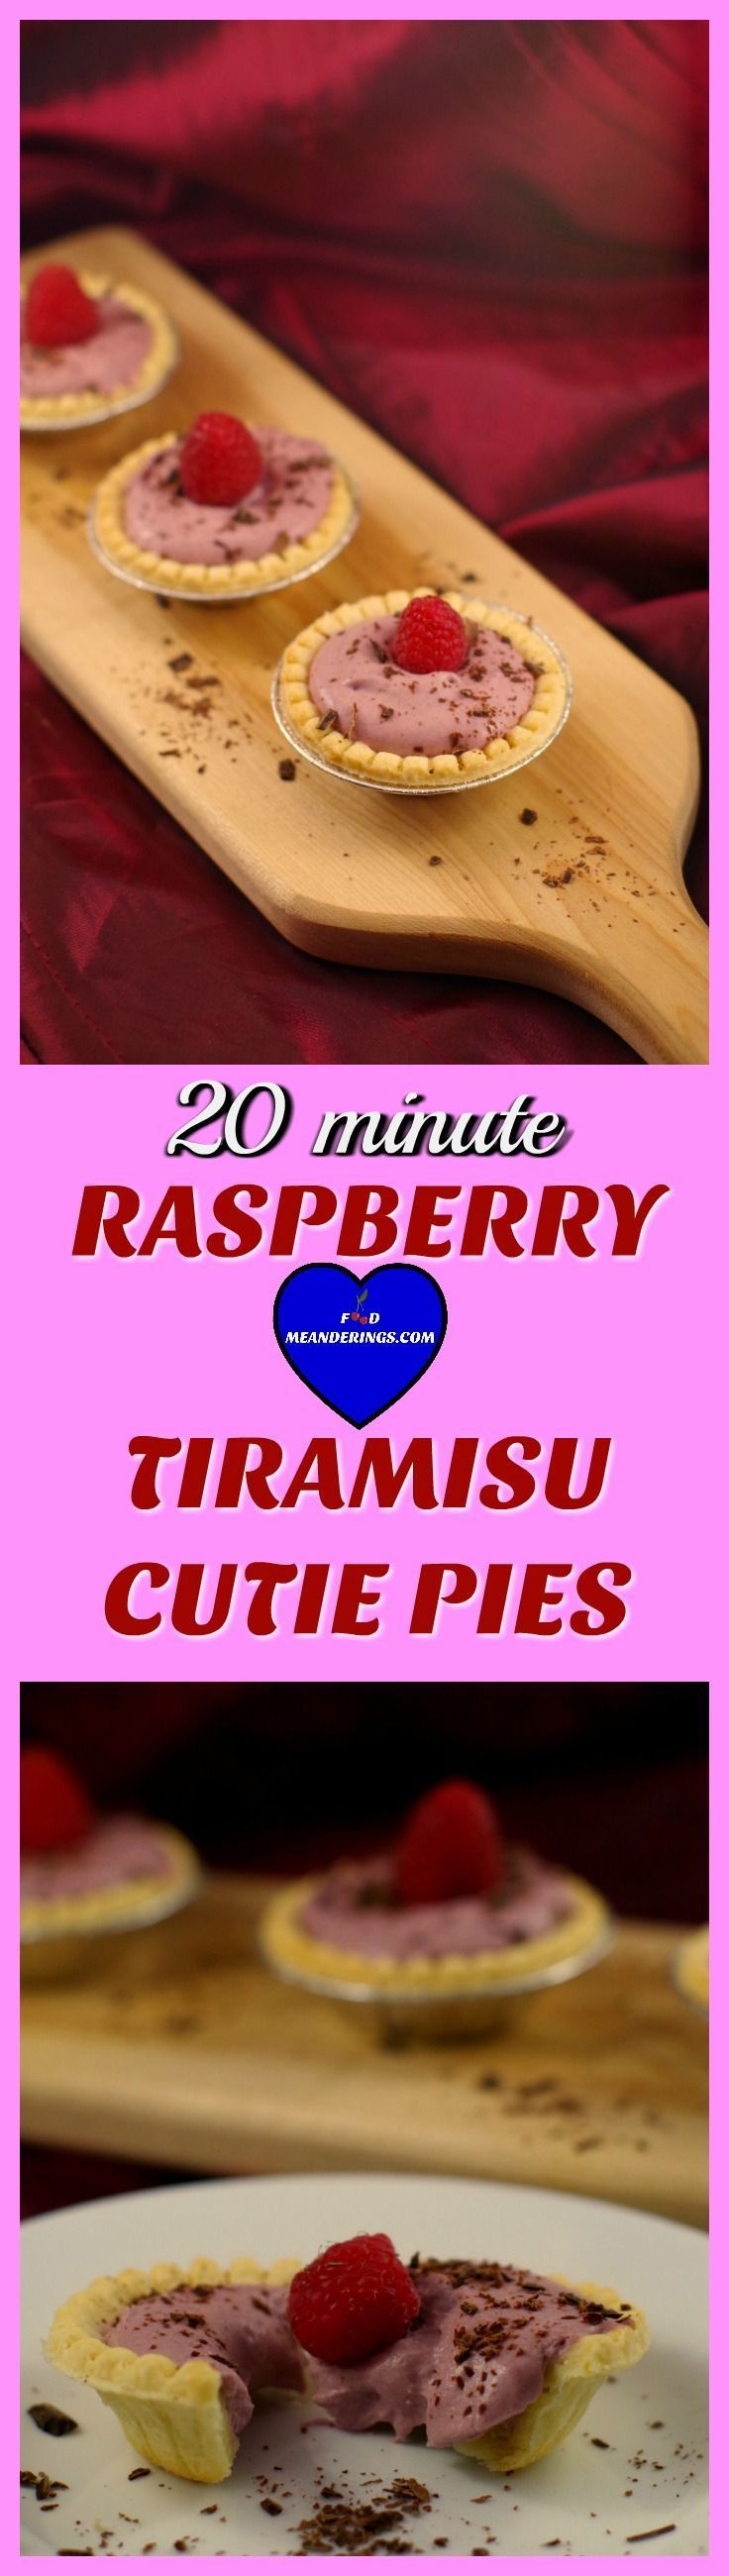 Make these Valentine's Day tarts for your cutie pie in 20 minutes flat! #valentinesday #desserts #dessertrecipes #pies #minidessert  #tiramisu #raspberry